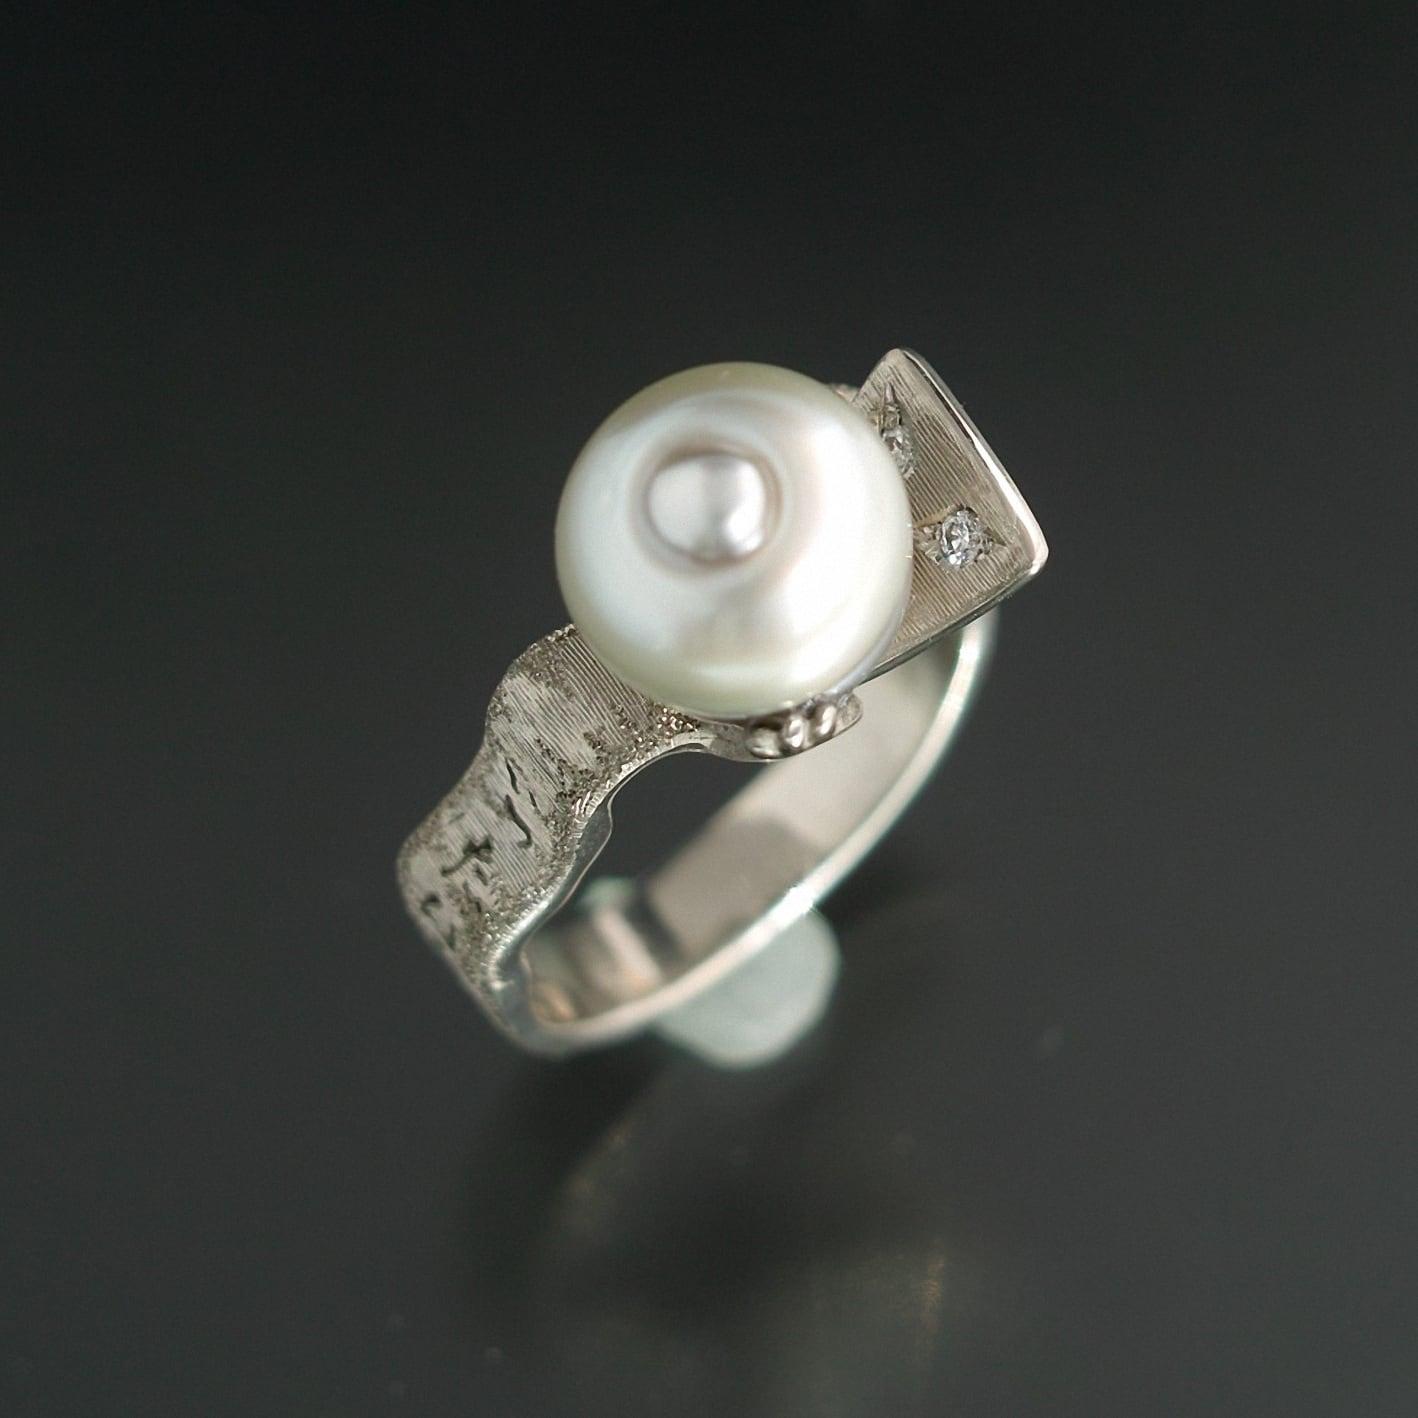 妖怪ジュエリー 妖怪指輪  『 一反木綿 』 K10WG*南洋真珠*ダイヤモンド